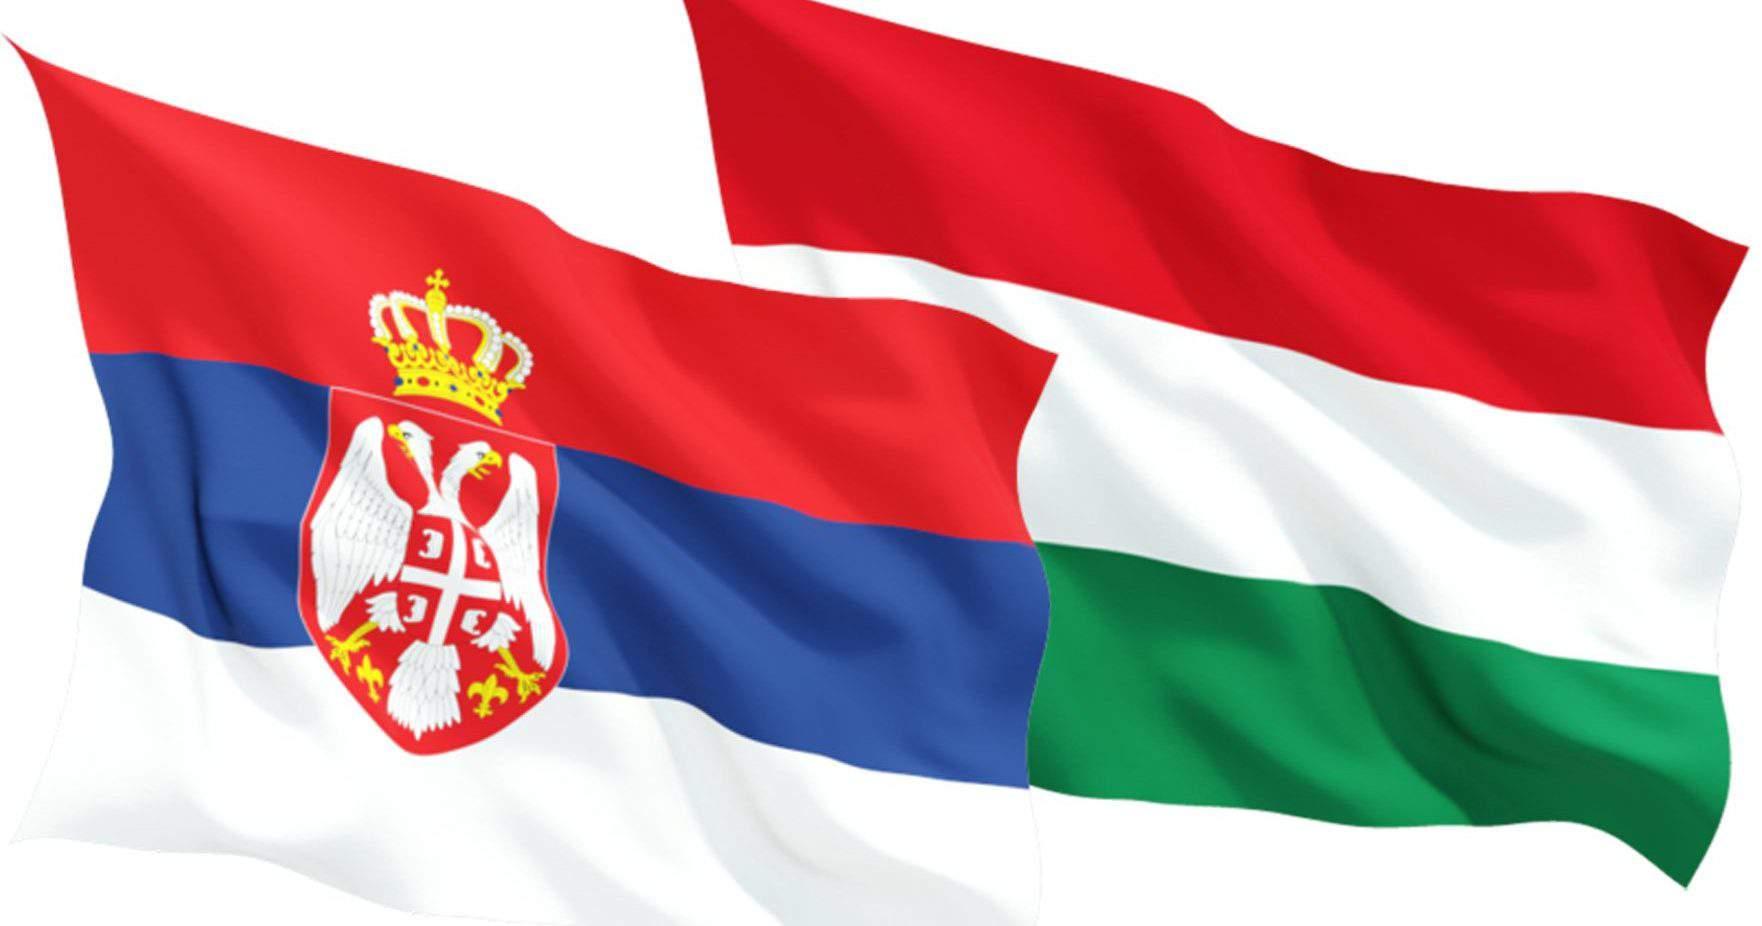 serbia hungary